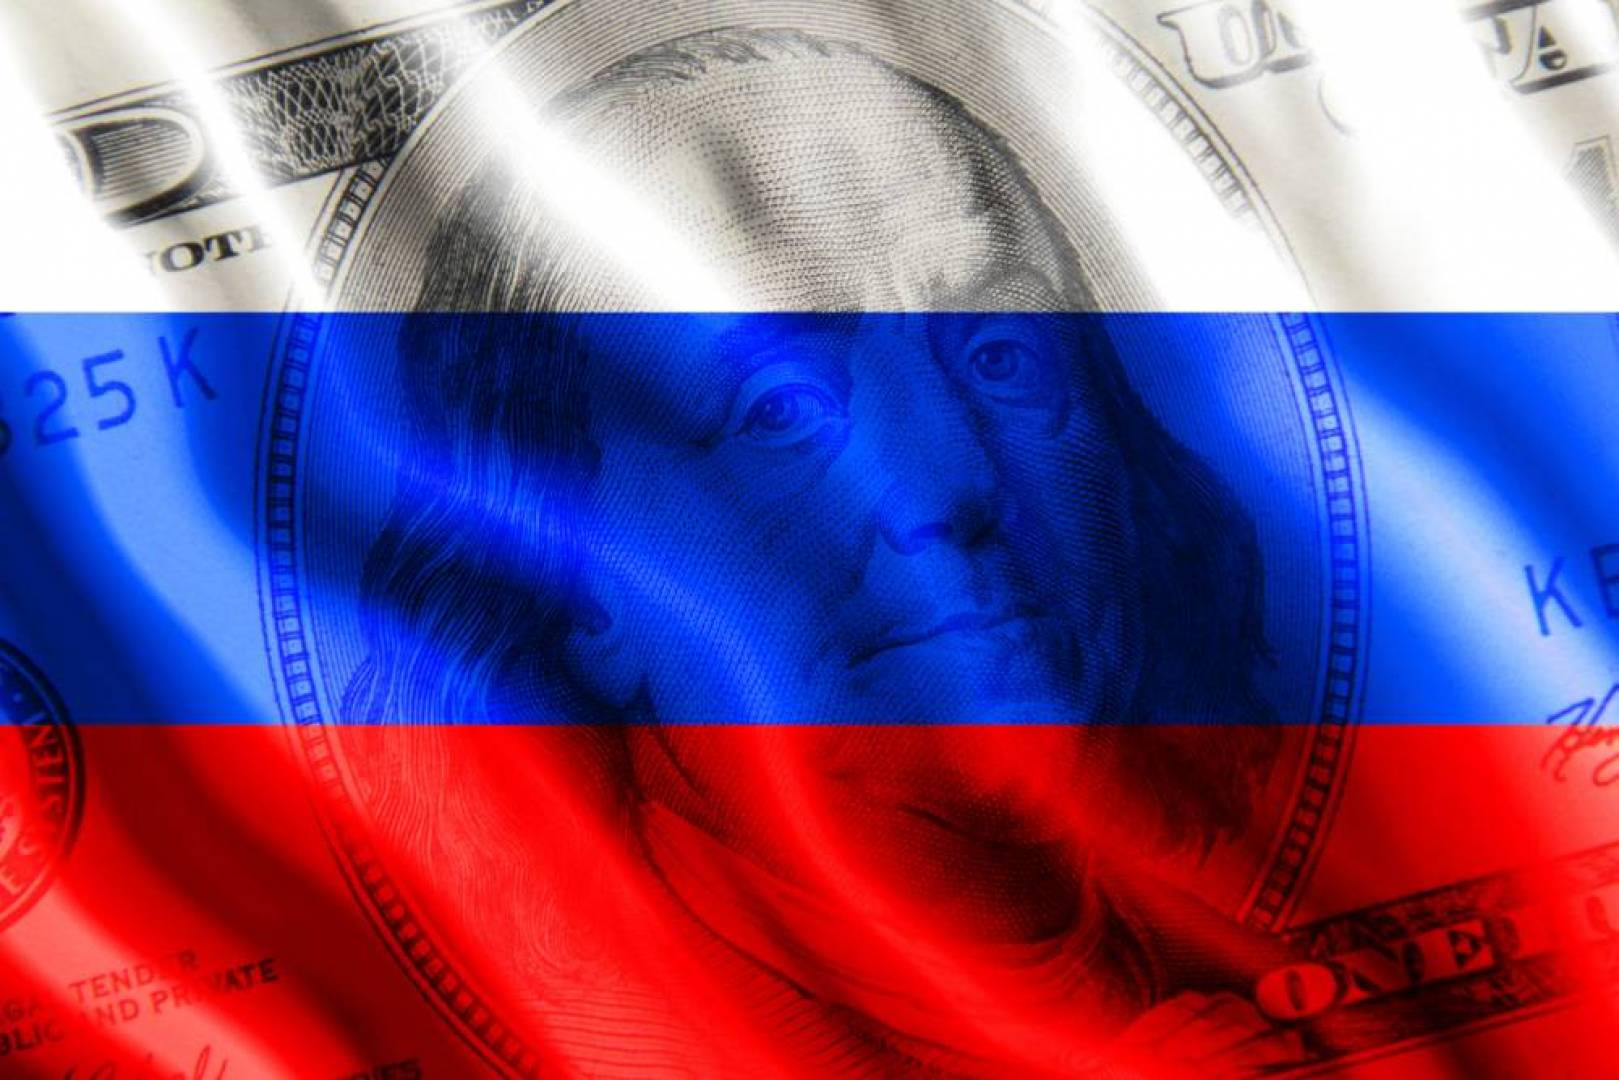 لماذا تفشل خطط روسيا دائمًا في الاستغناء عن الدولار؟